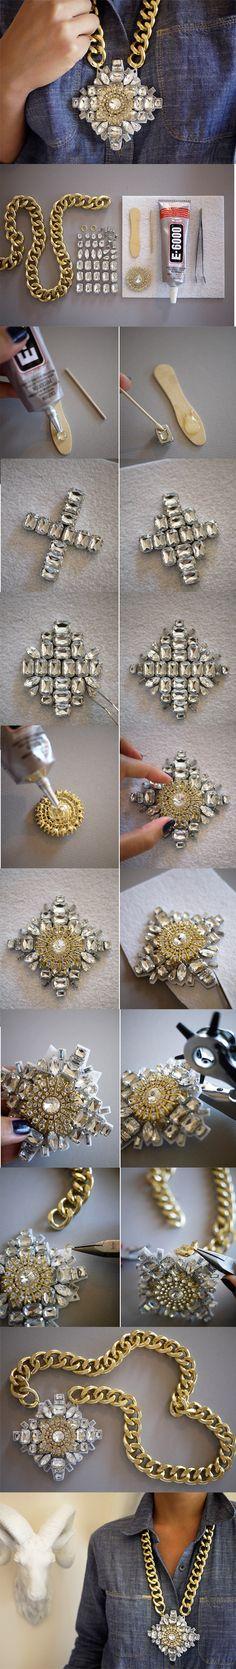 Crystal Necklace – #DIY